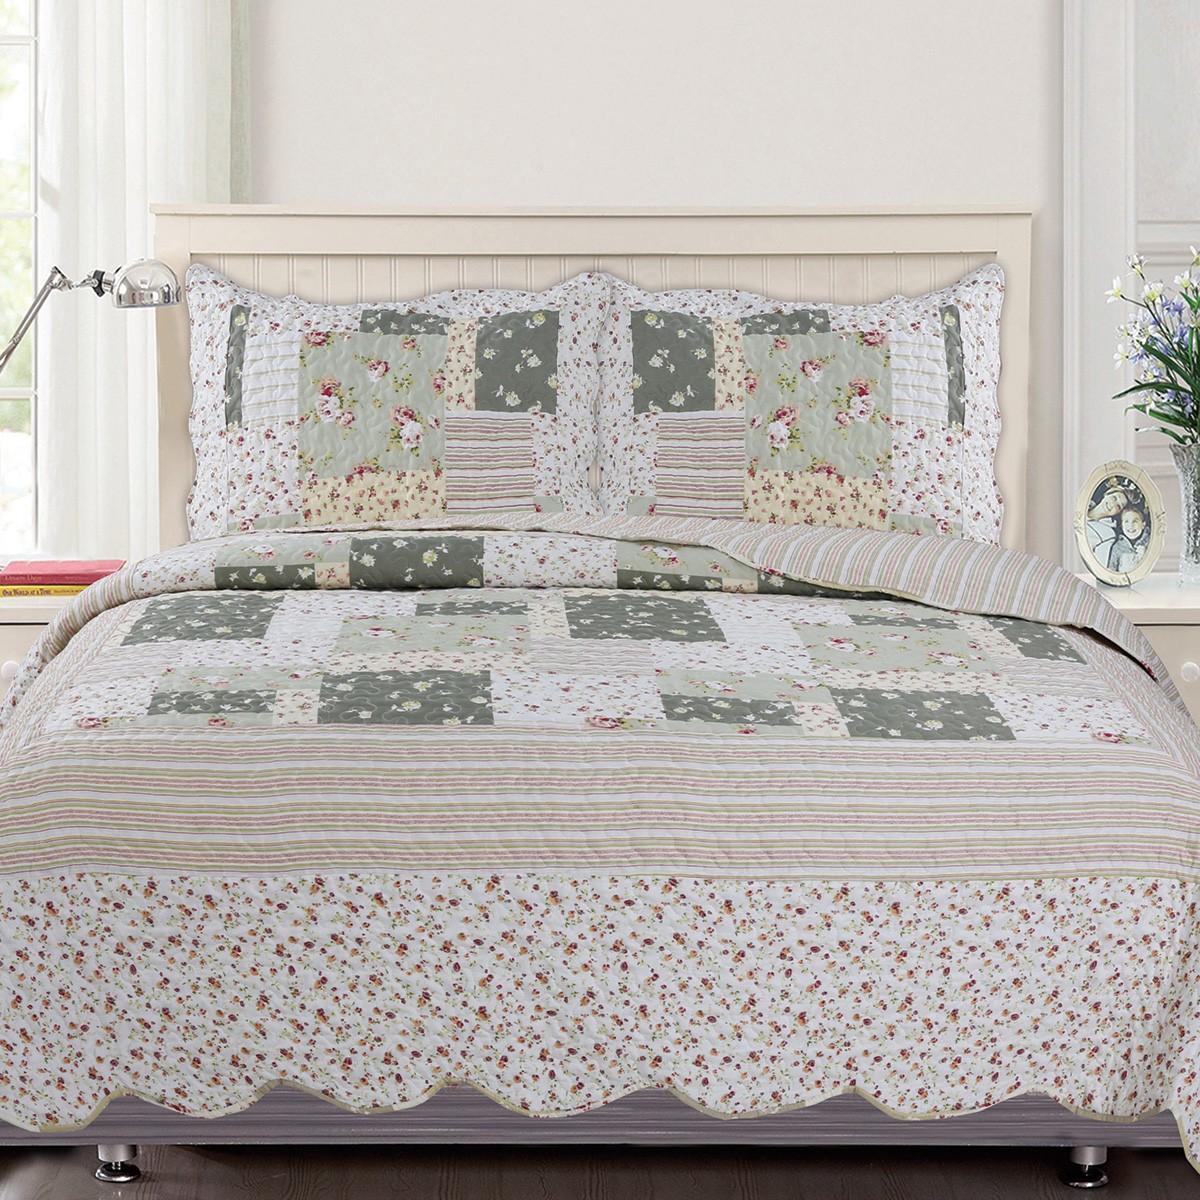 Κουβερλί Μονό (Σετ) Viopros 5190 home   κρεβατοκάμαρα   κουβερλί   κουβερλί μονά